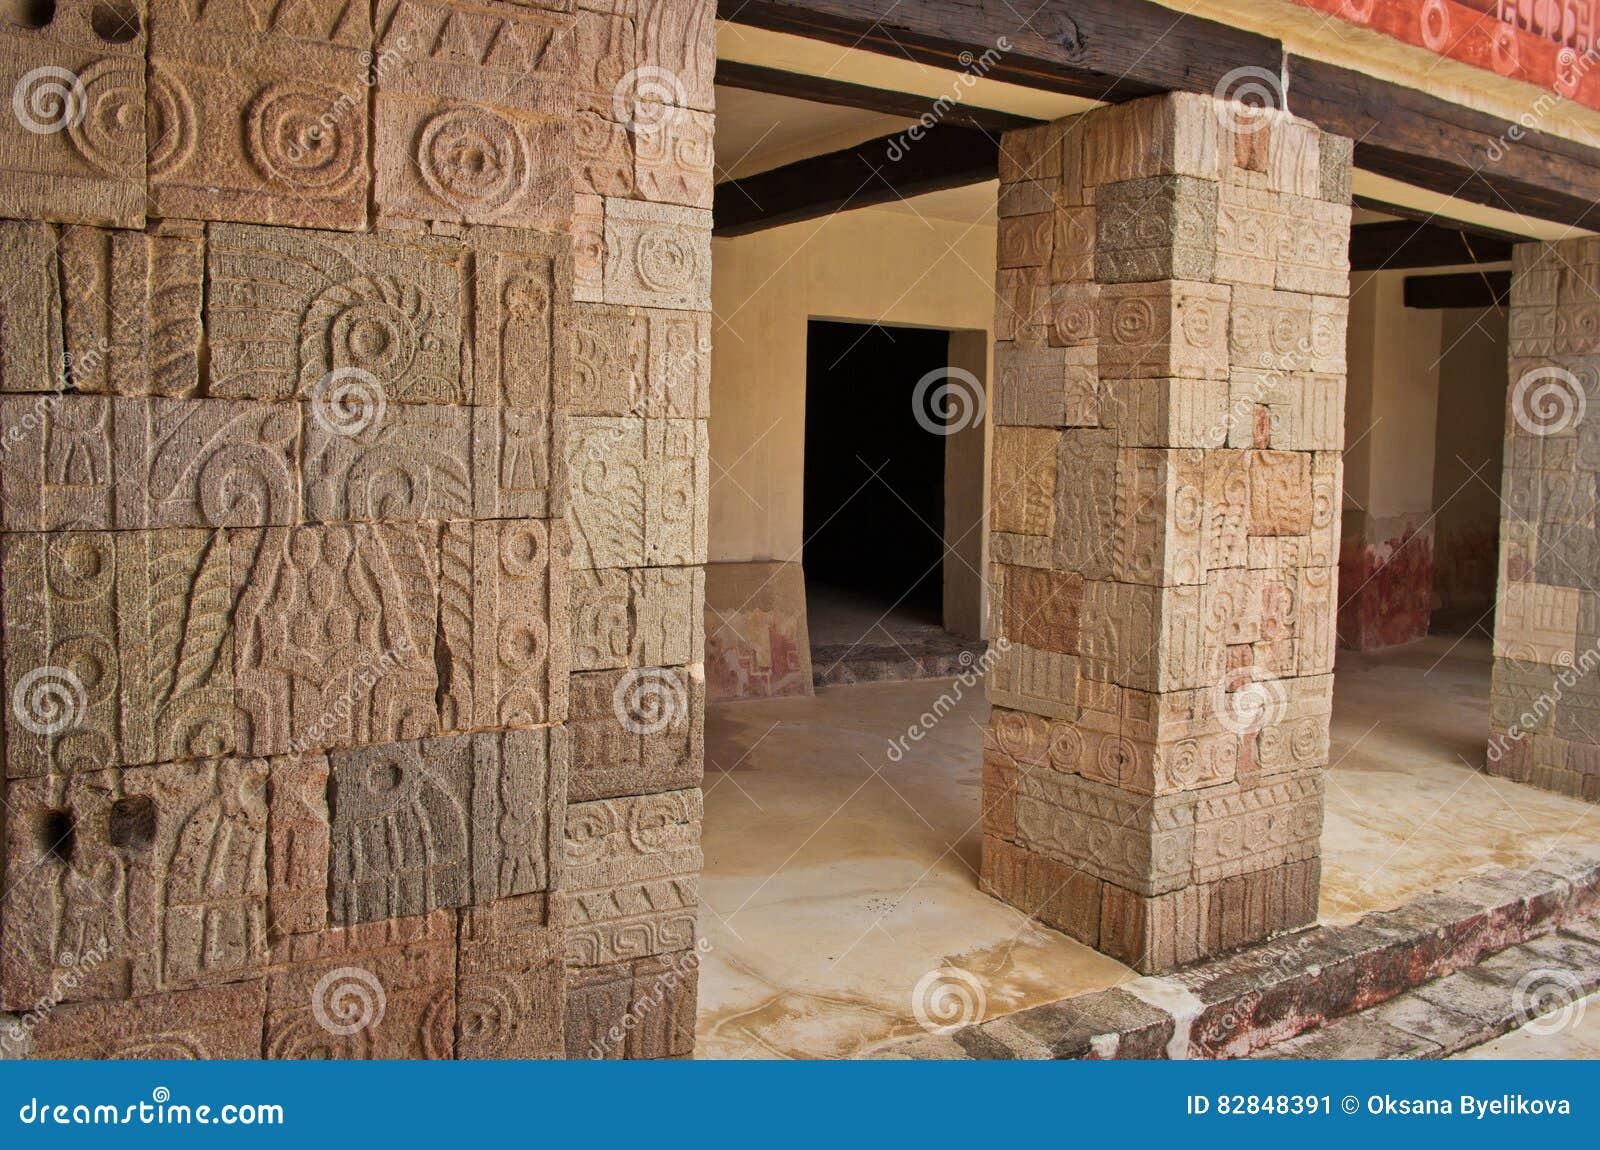 Patio of the Pillars Patio de los Pilares, Teotihuacan